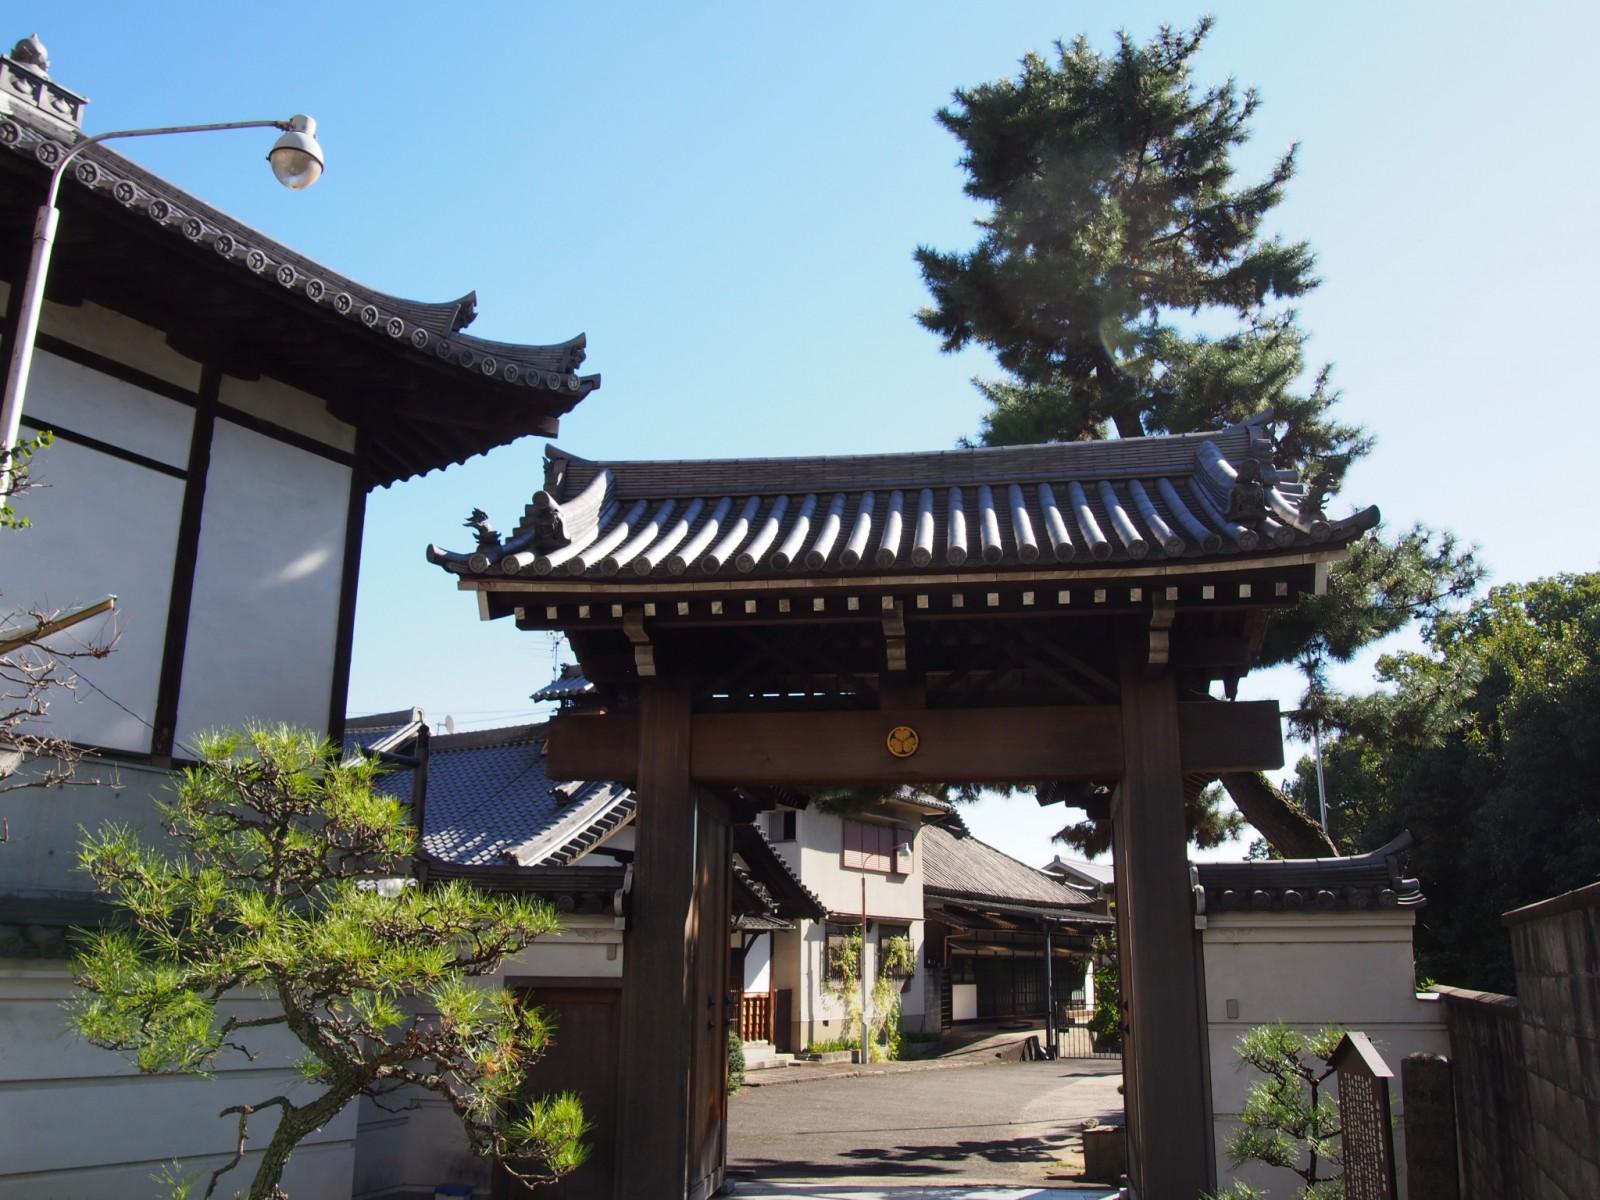 念仏寺(奈良市)山門